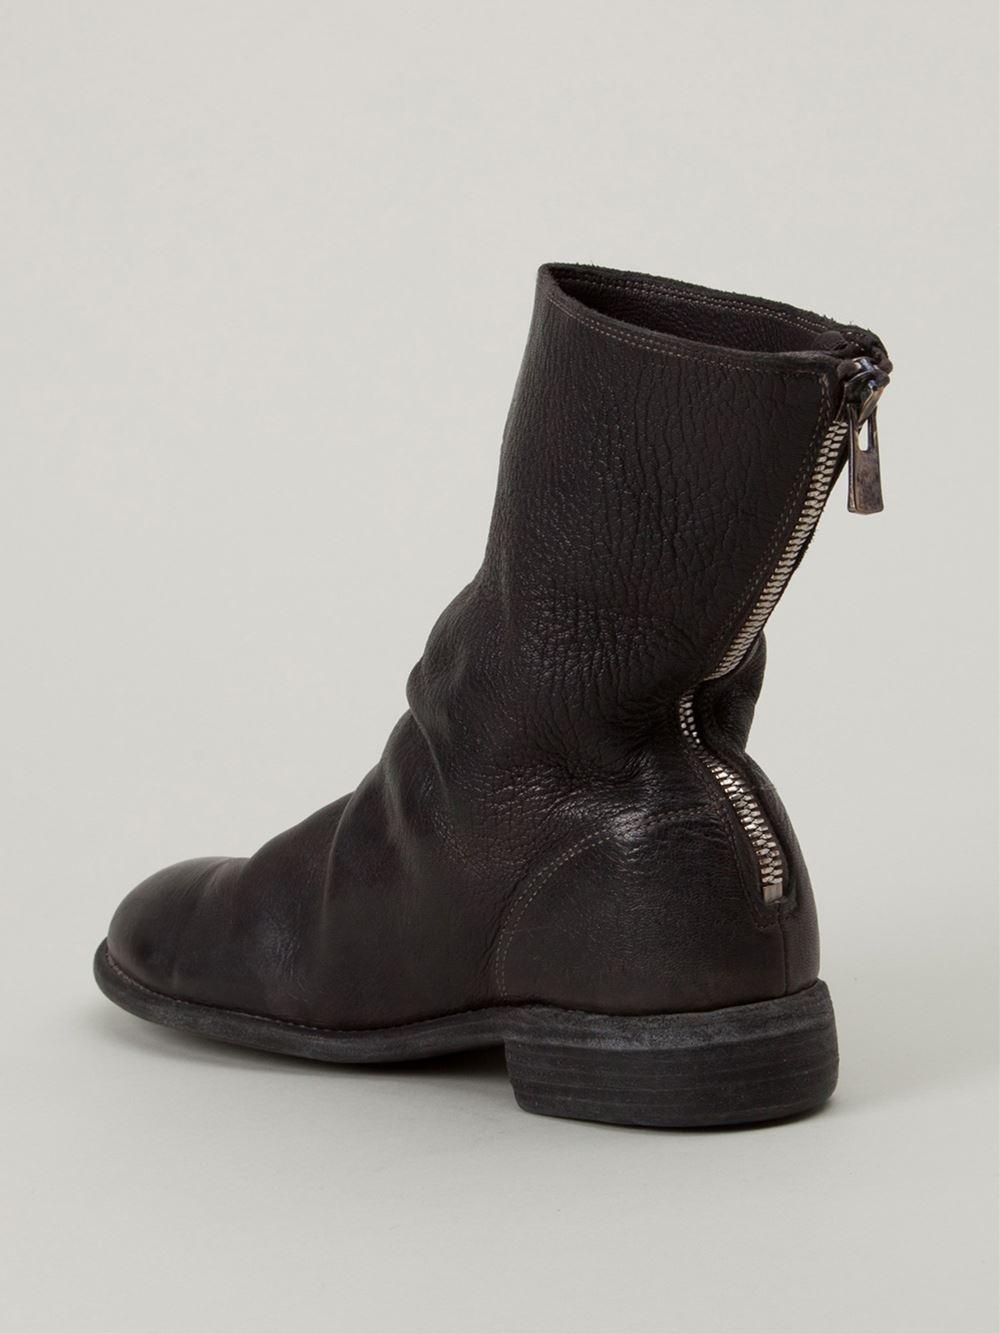 GUIDI Rear zip boots sam. Prix Flambant Neuf Unisexe Pas Cher Sortie Profiter Acheter Pas Cher 2018 Plus Récent tQDw7iHSsD